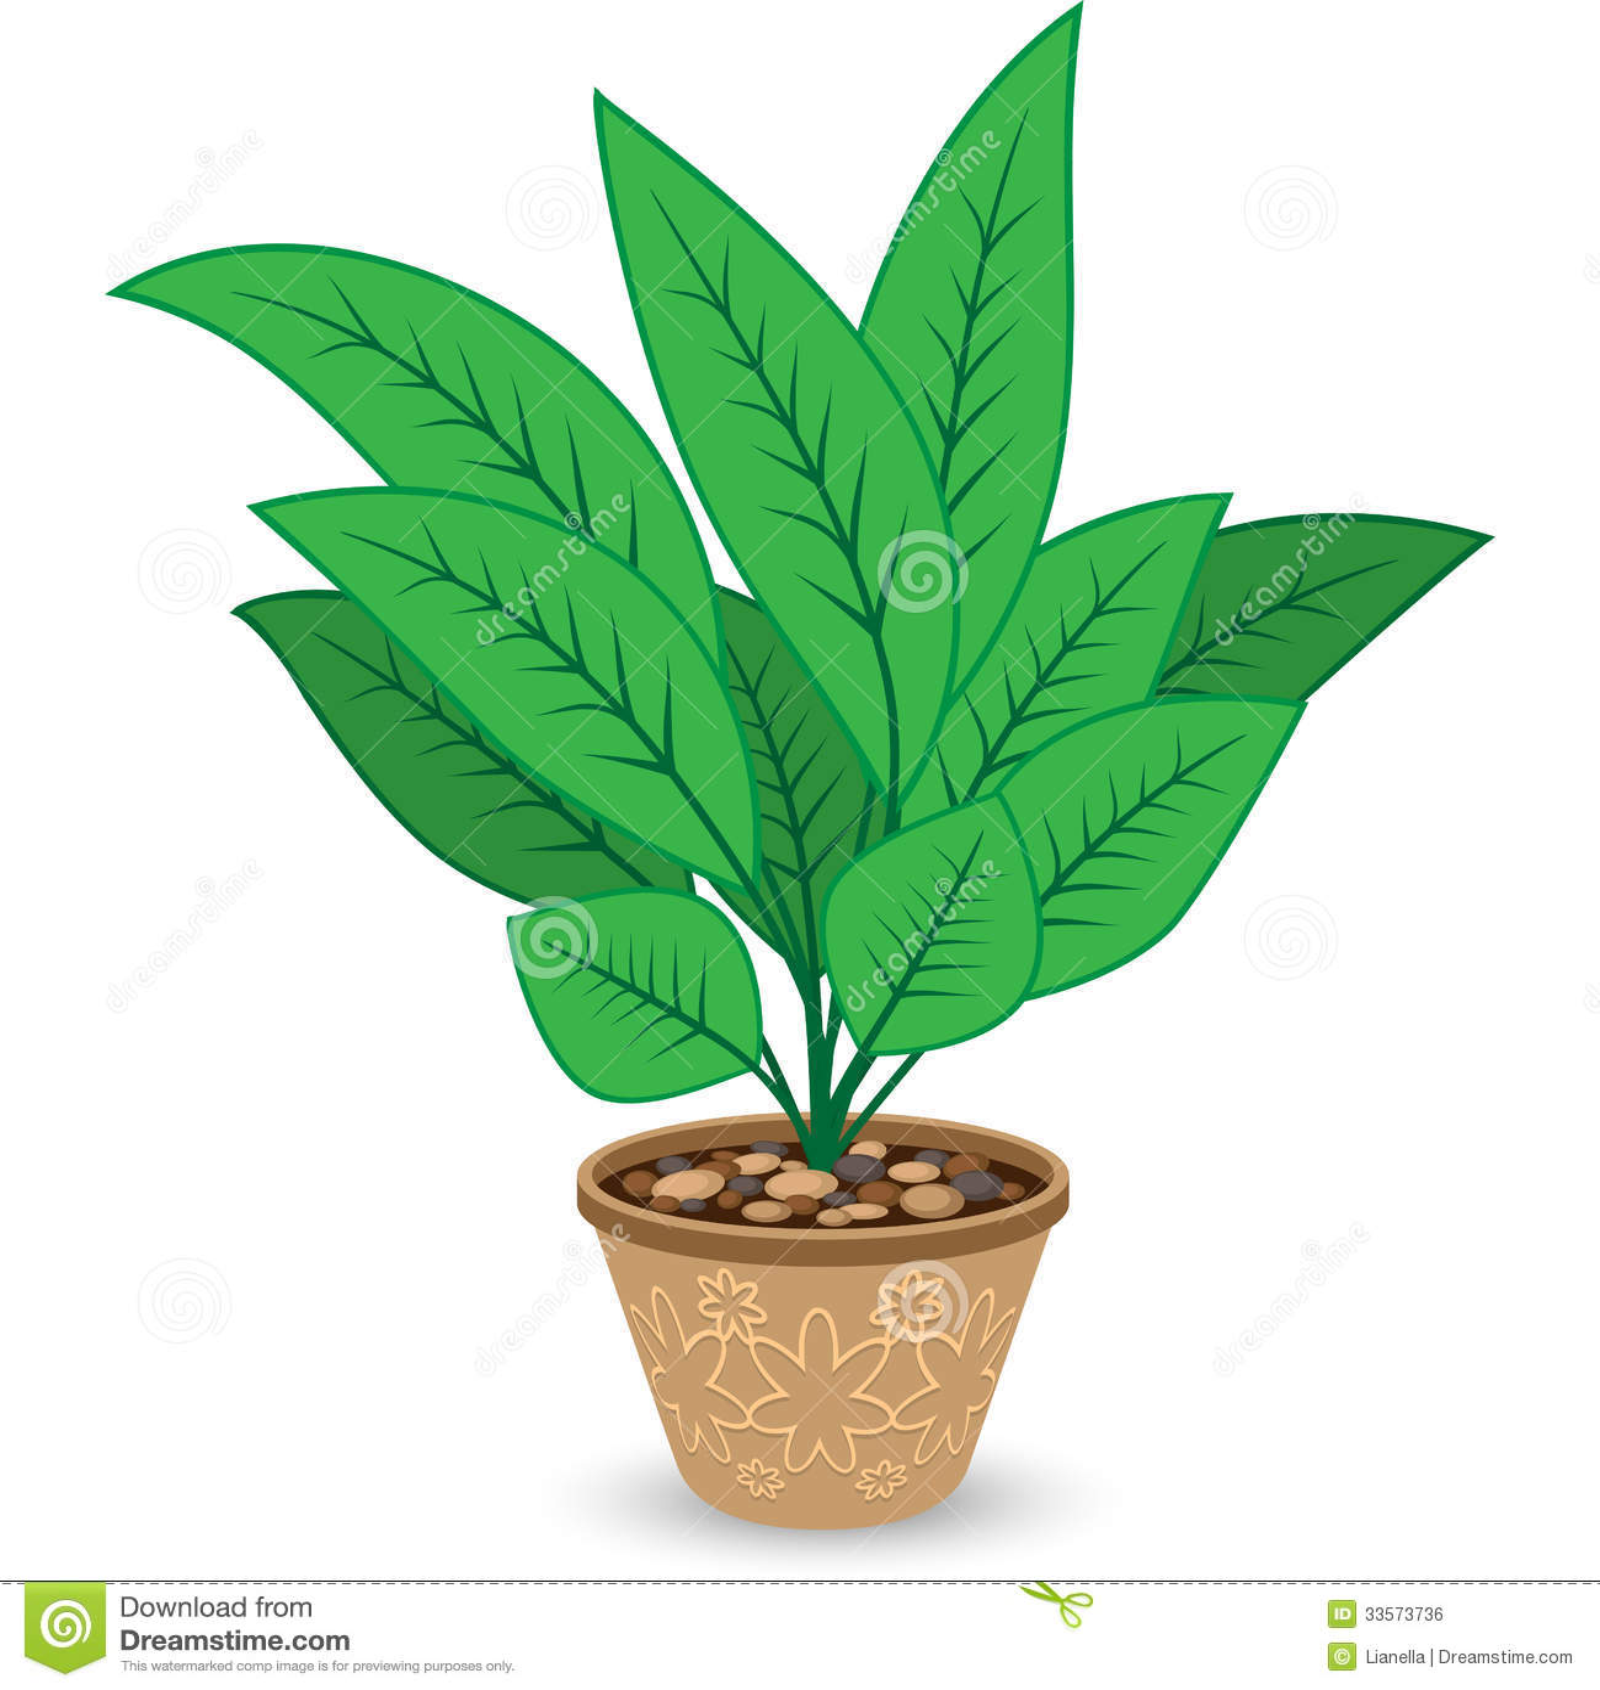 Planta en maceta en blanco imagen de archivo libre de for Fotos de plantas en macetas